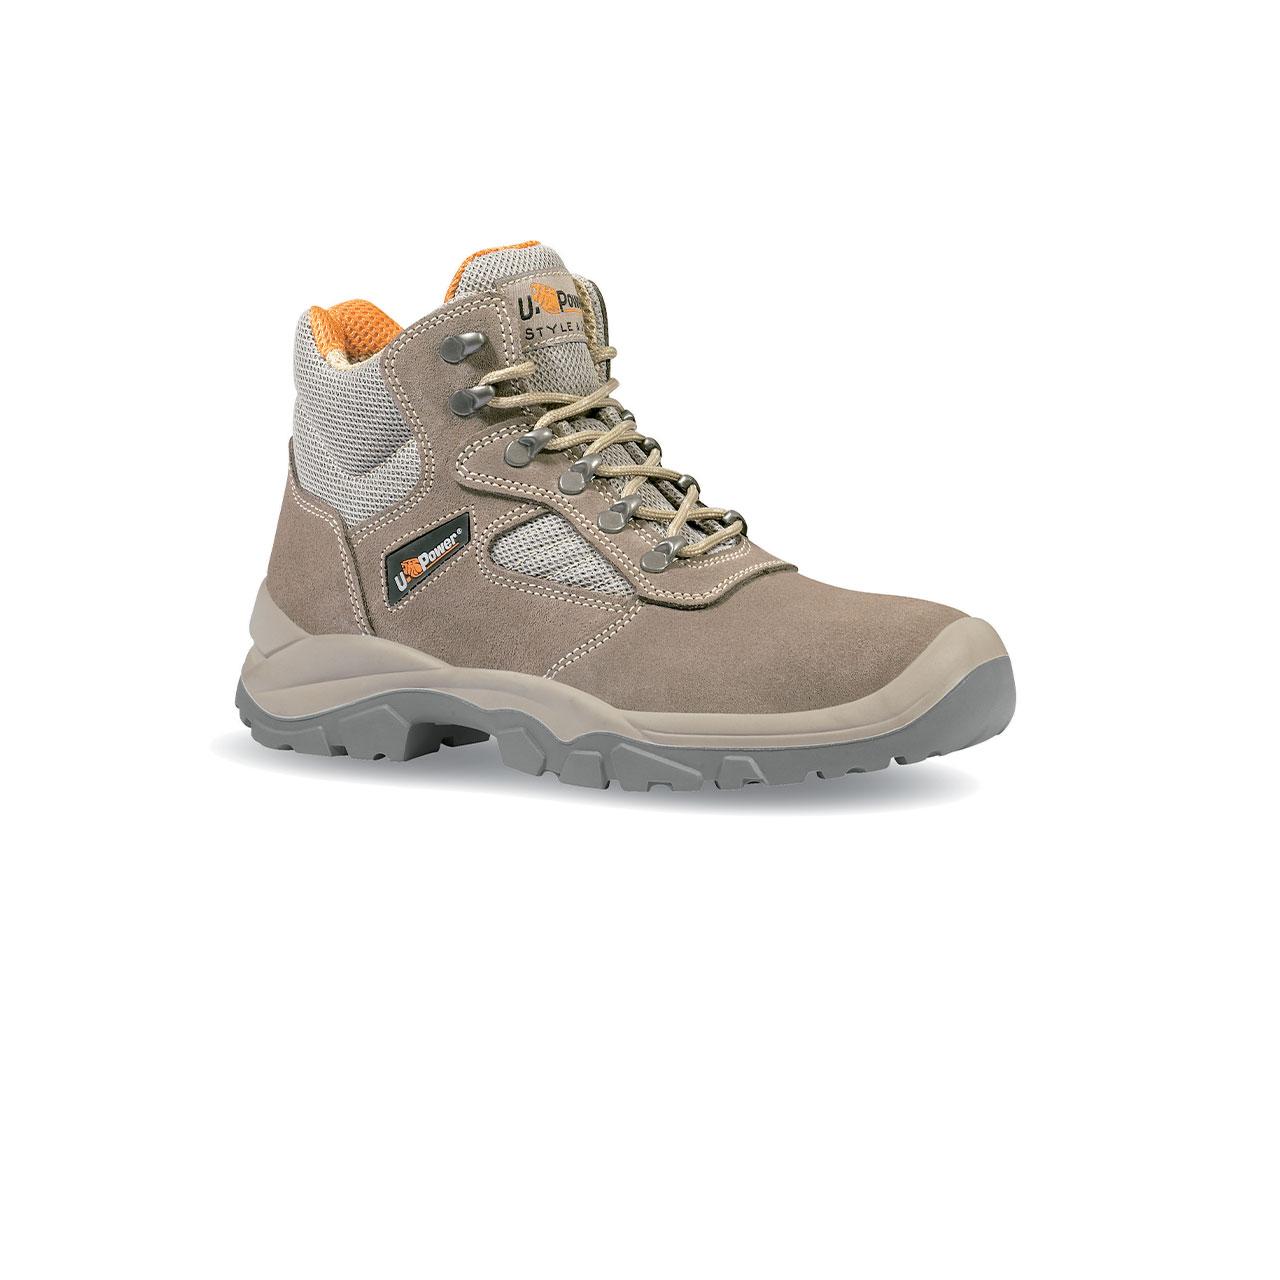 scarpa antinfortunistica upower modello desert linea STYLE_JOB vista laterale